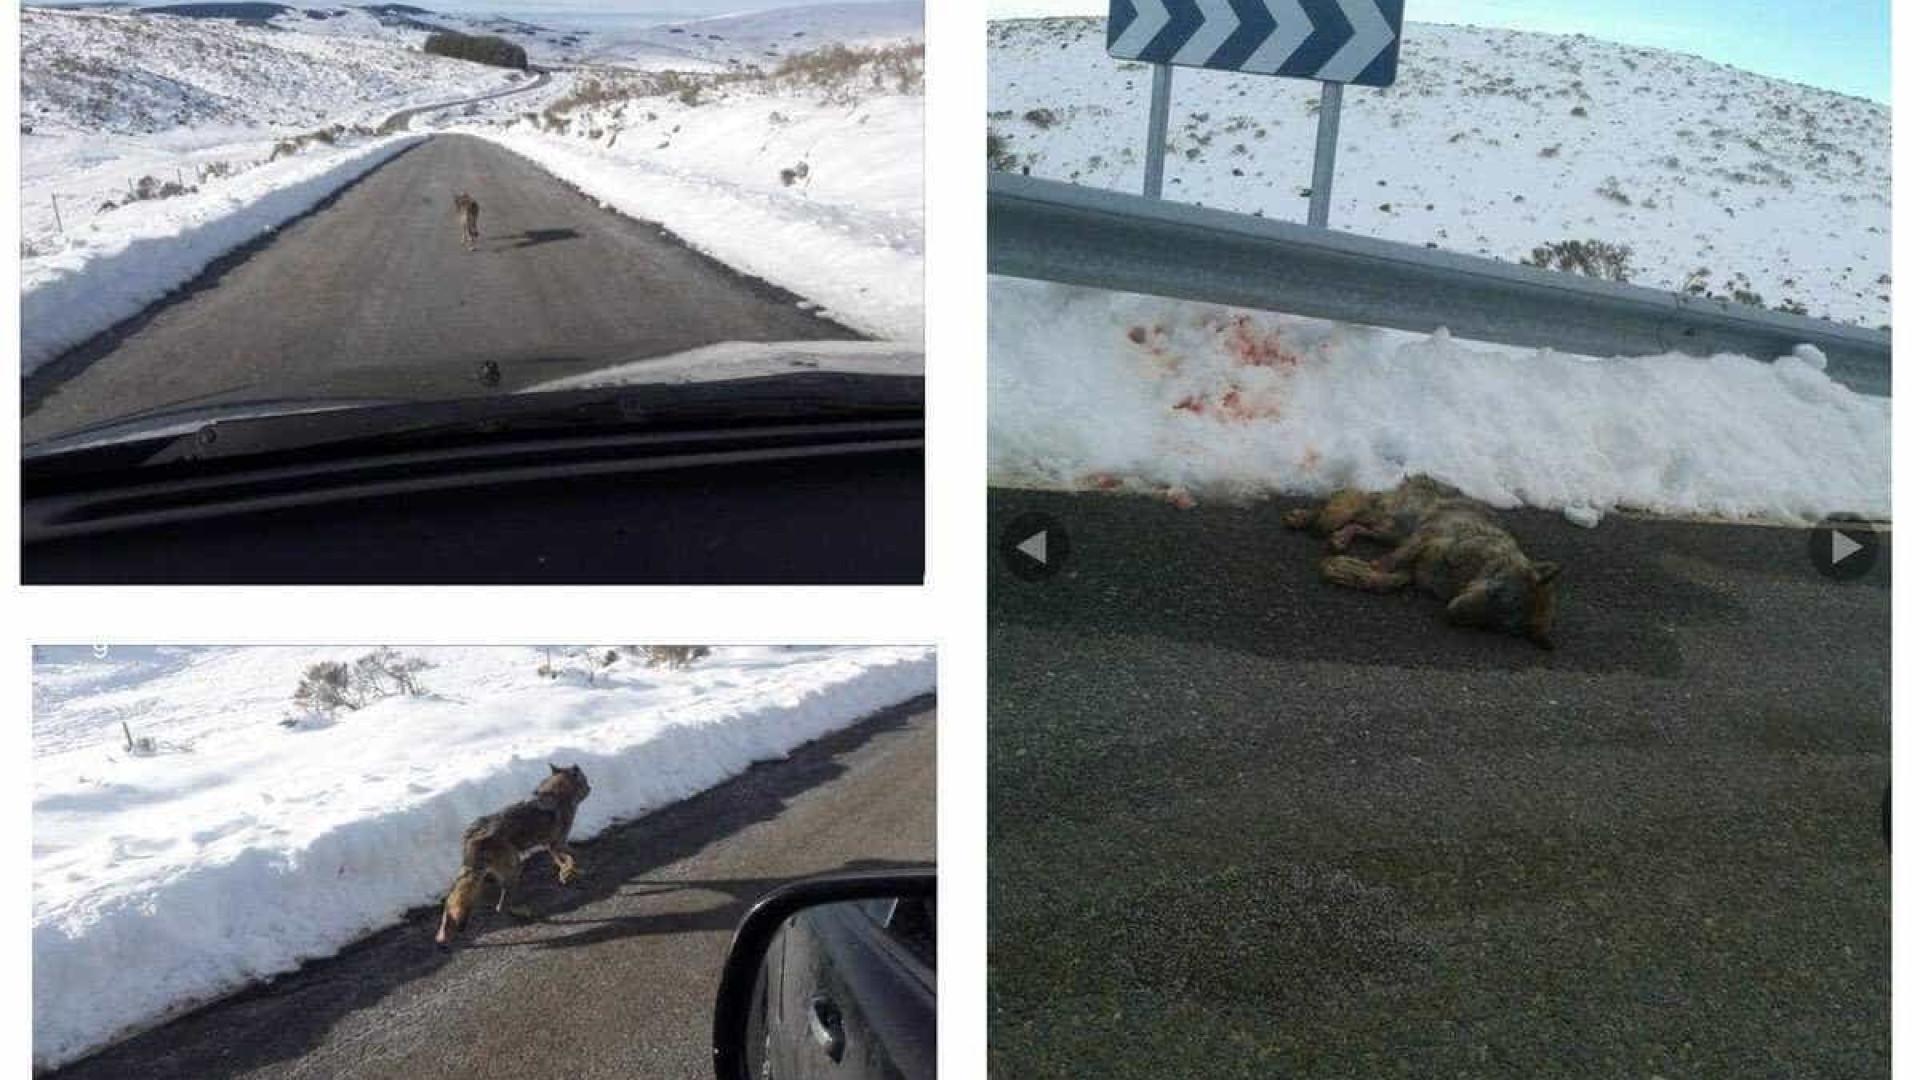 Atropela lobo na estrada e publica as fotos no Facebook